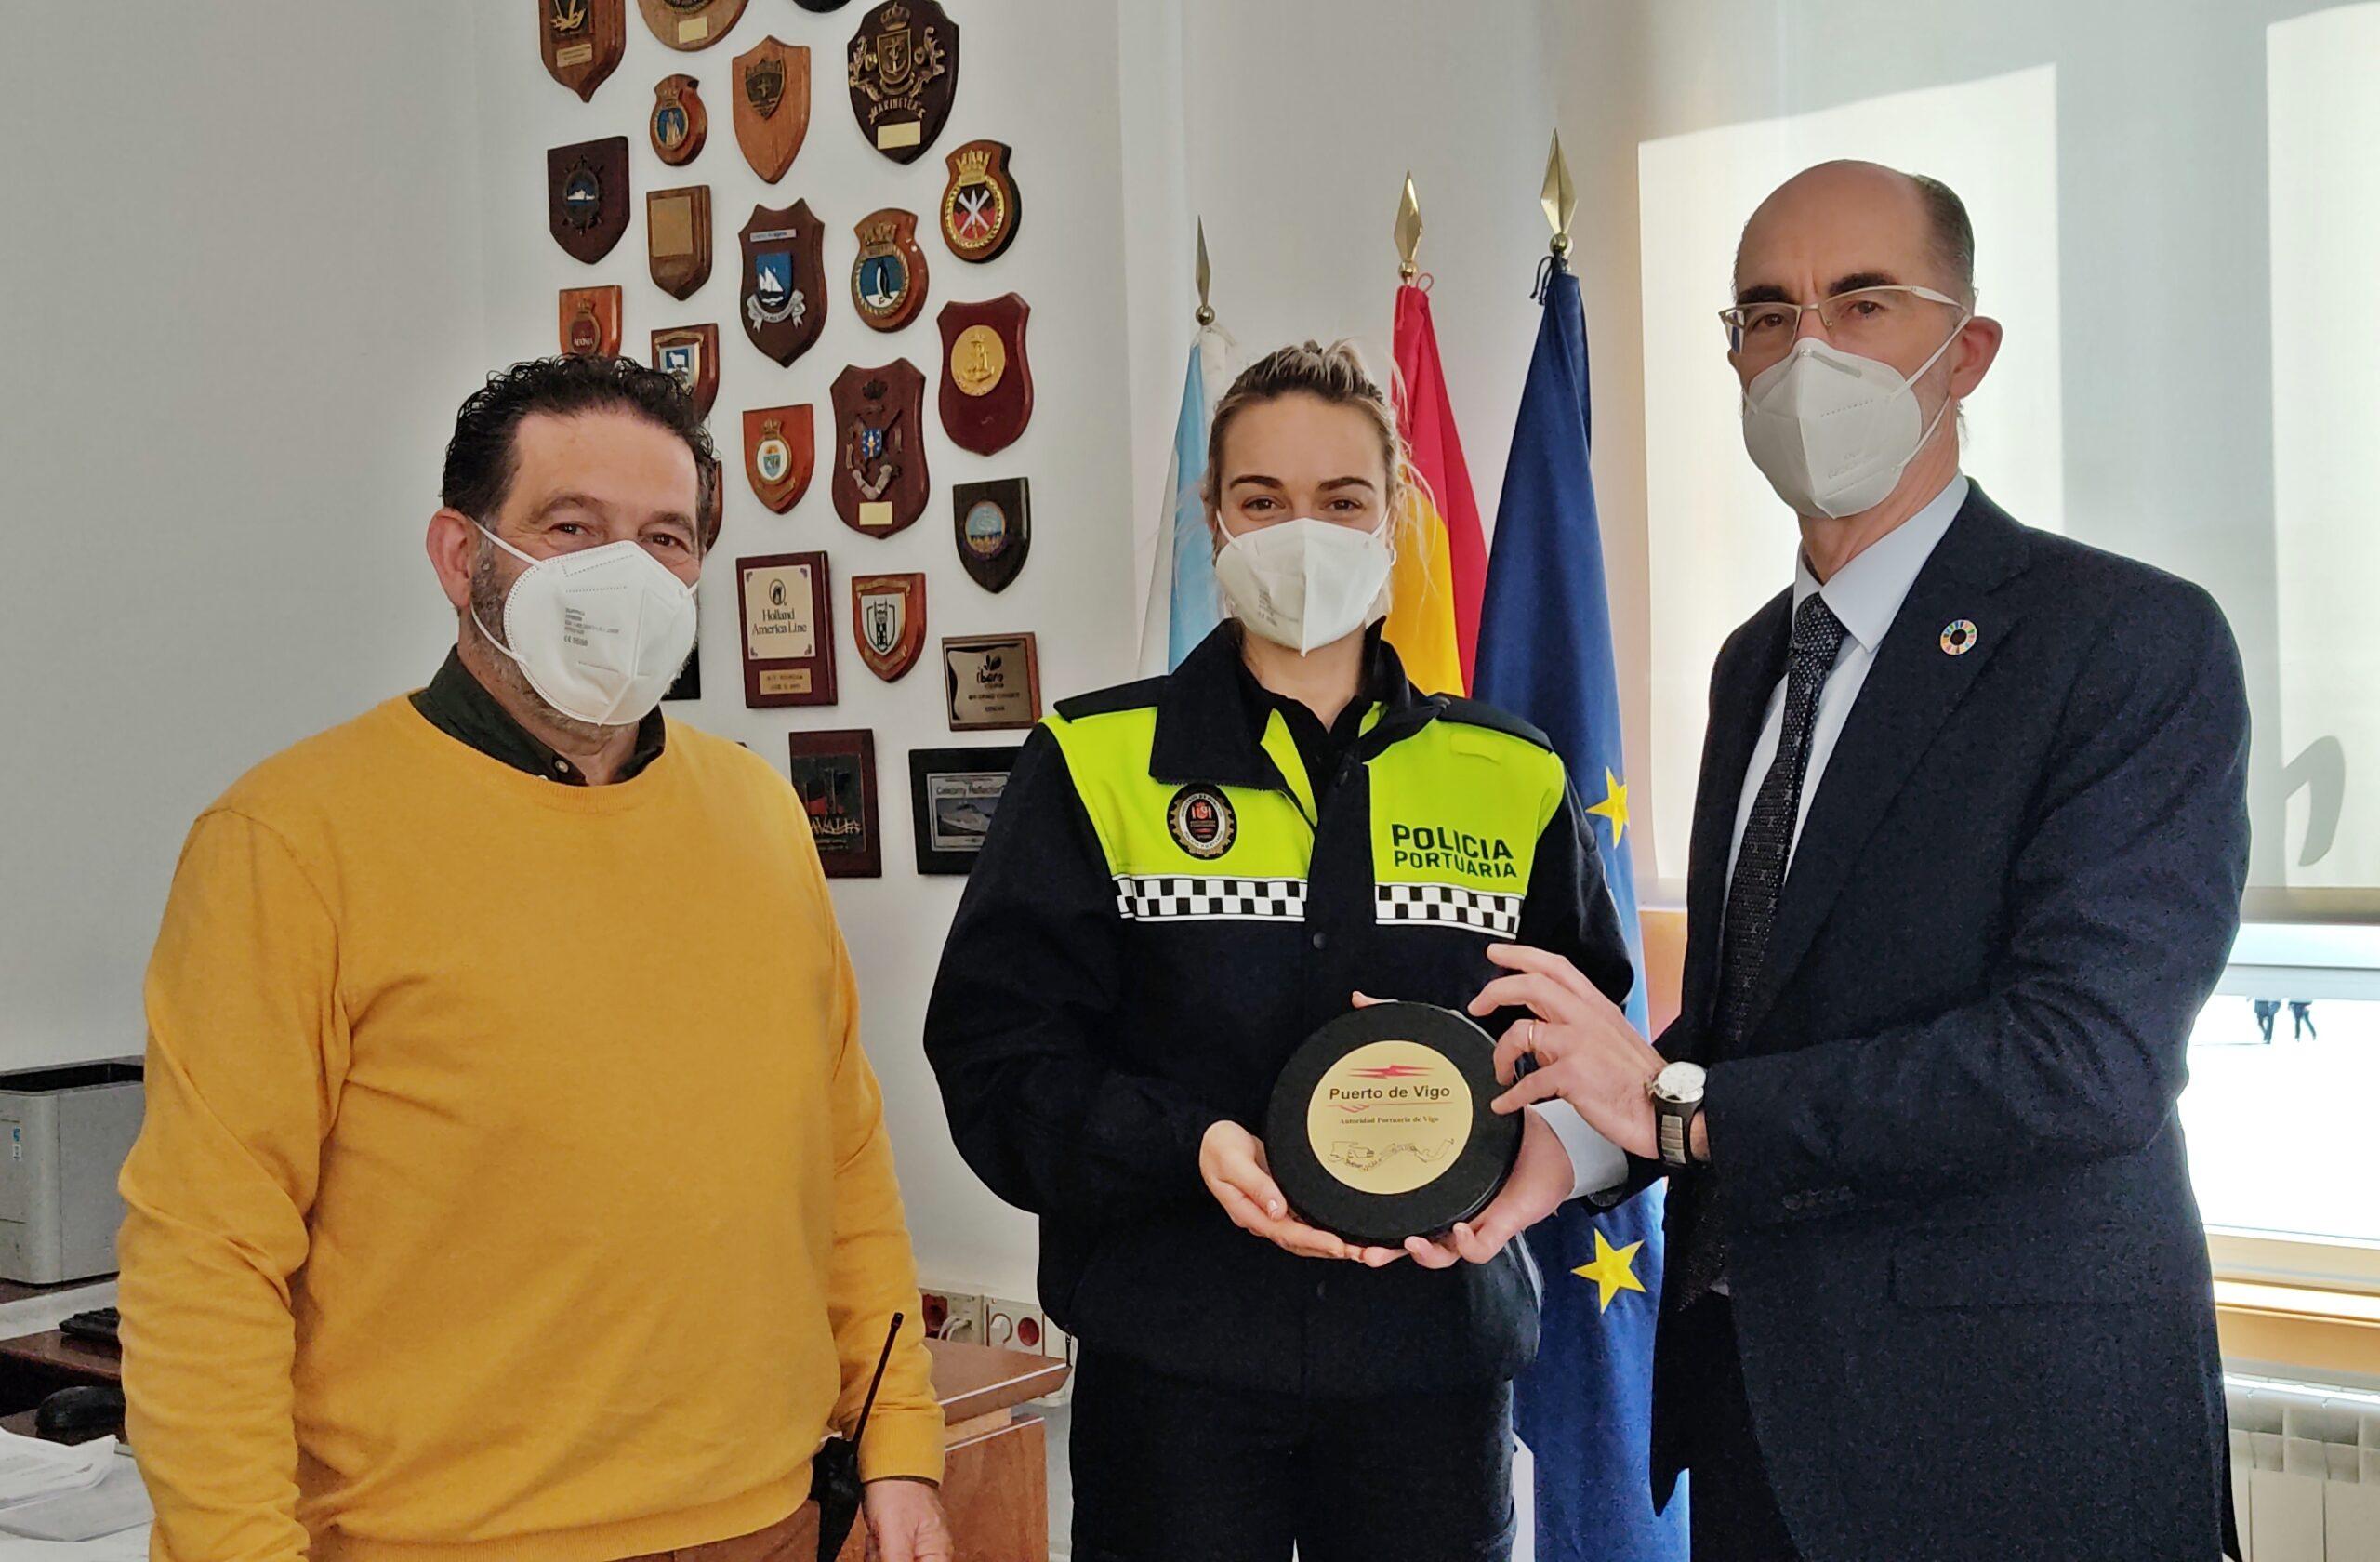 Vázauez Almuiña, presidente del Puerto de Vigo, con Tania Valverde